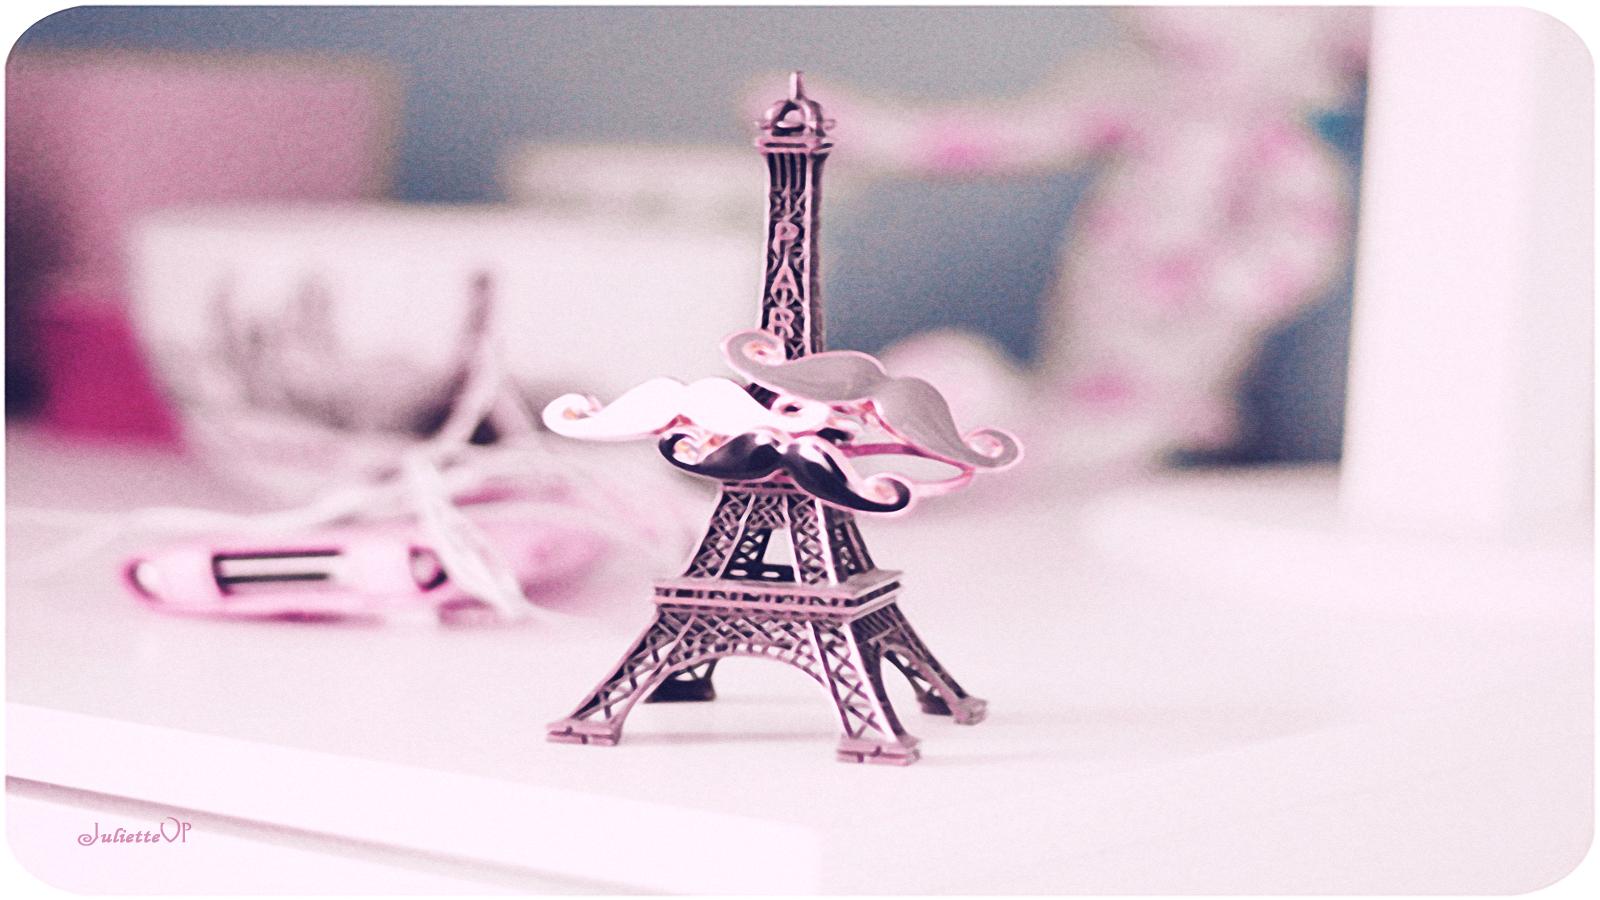 paris lovely by julietawild07 -#main